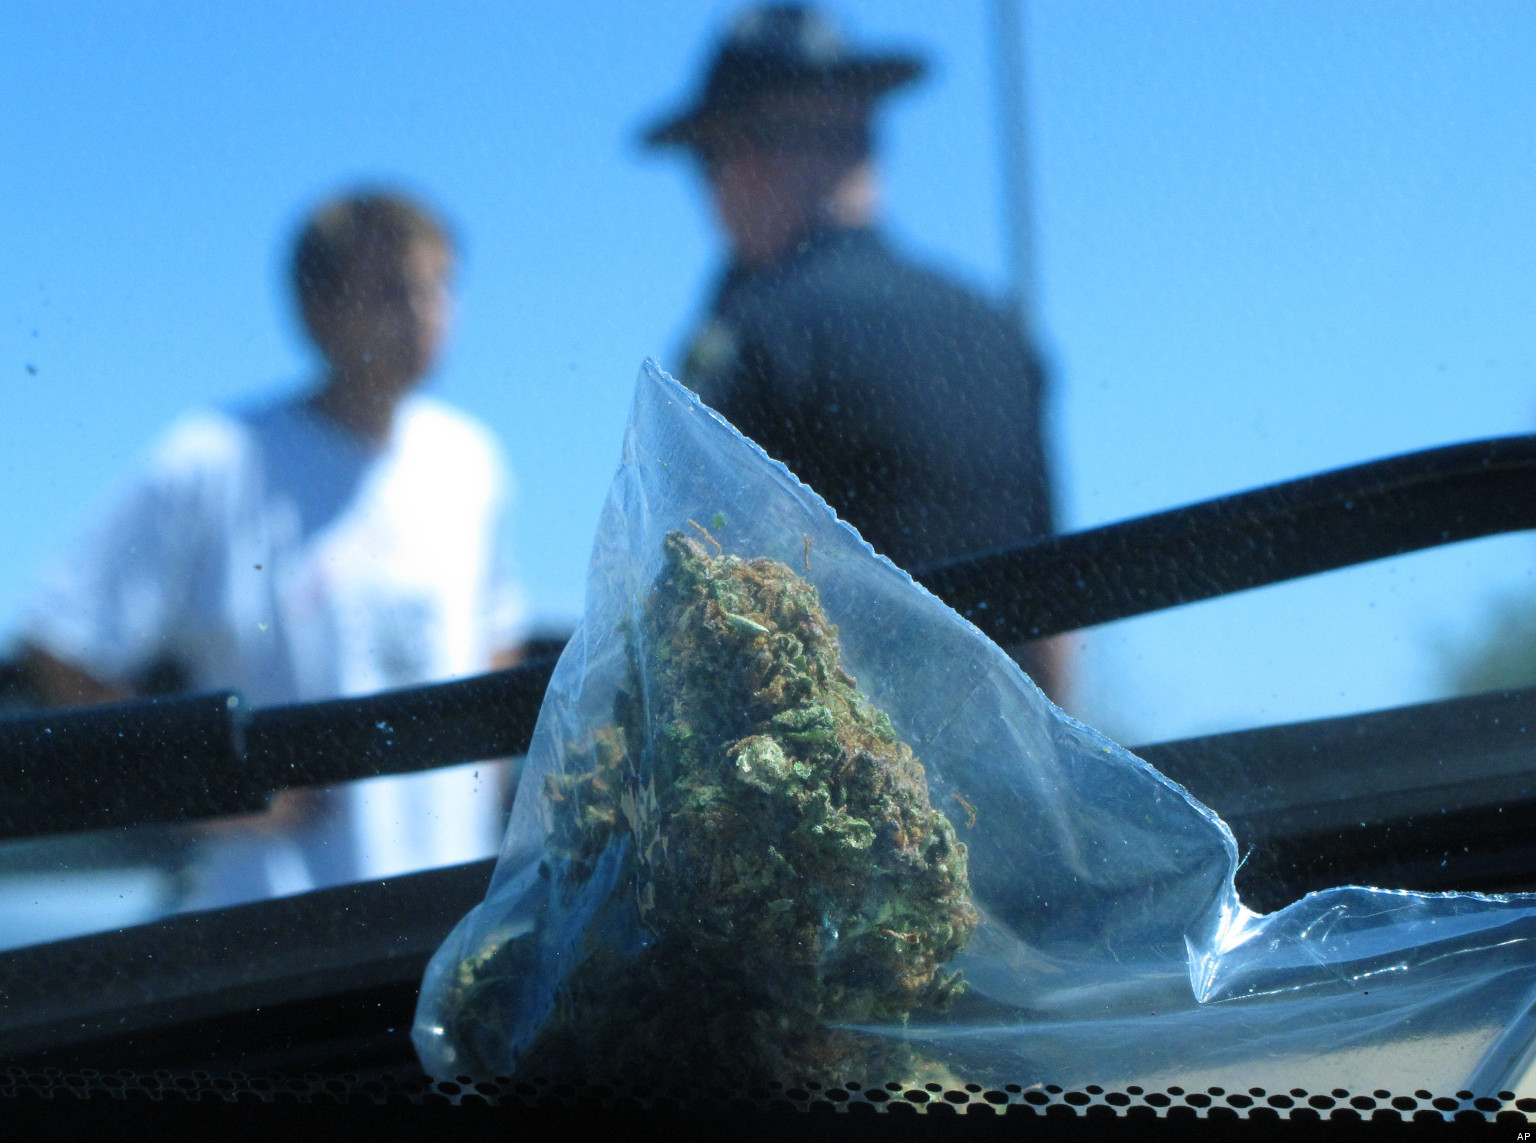 Atlanta Drug Defense Attorney